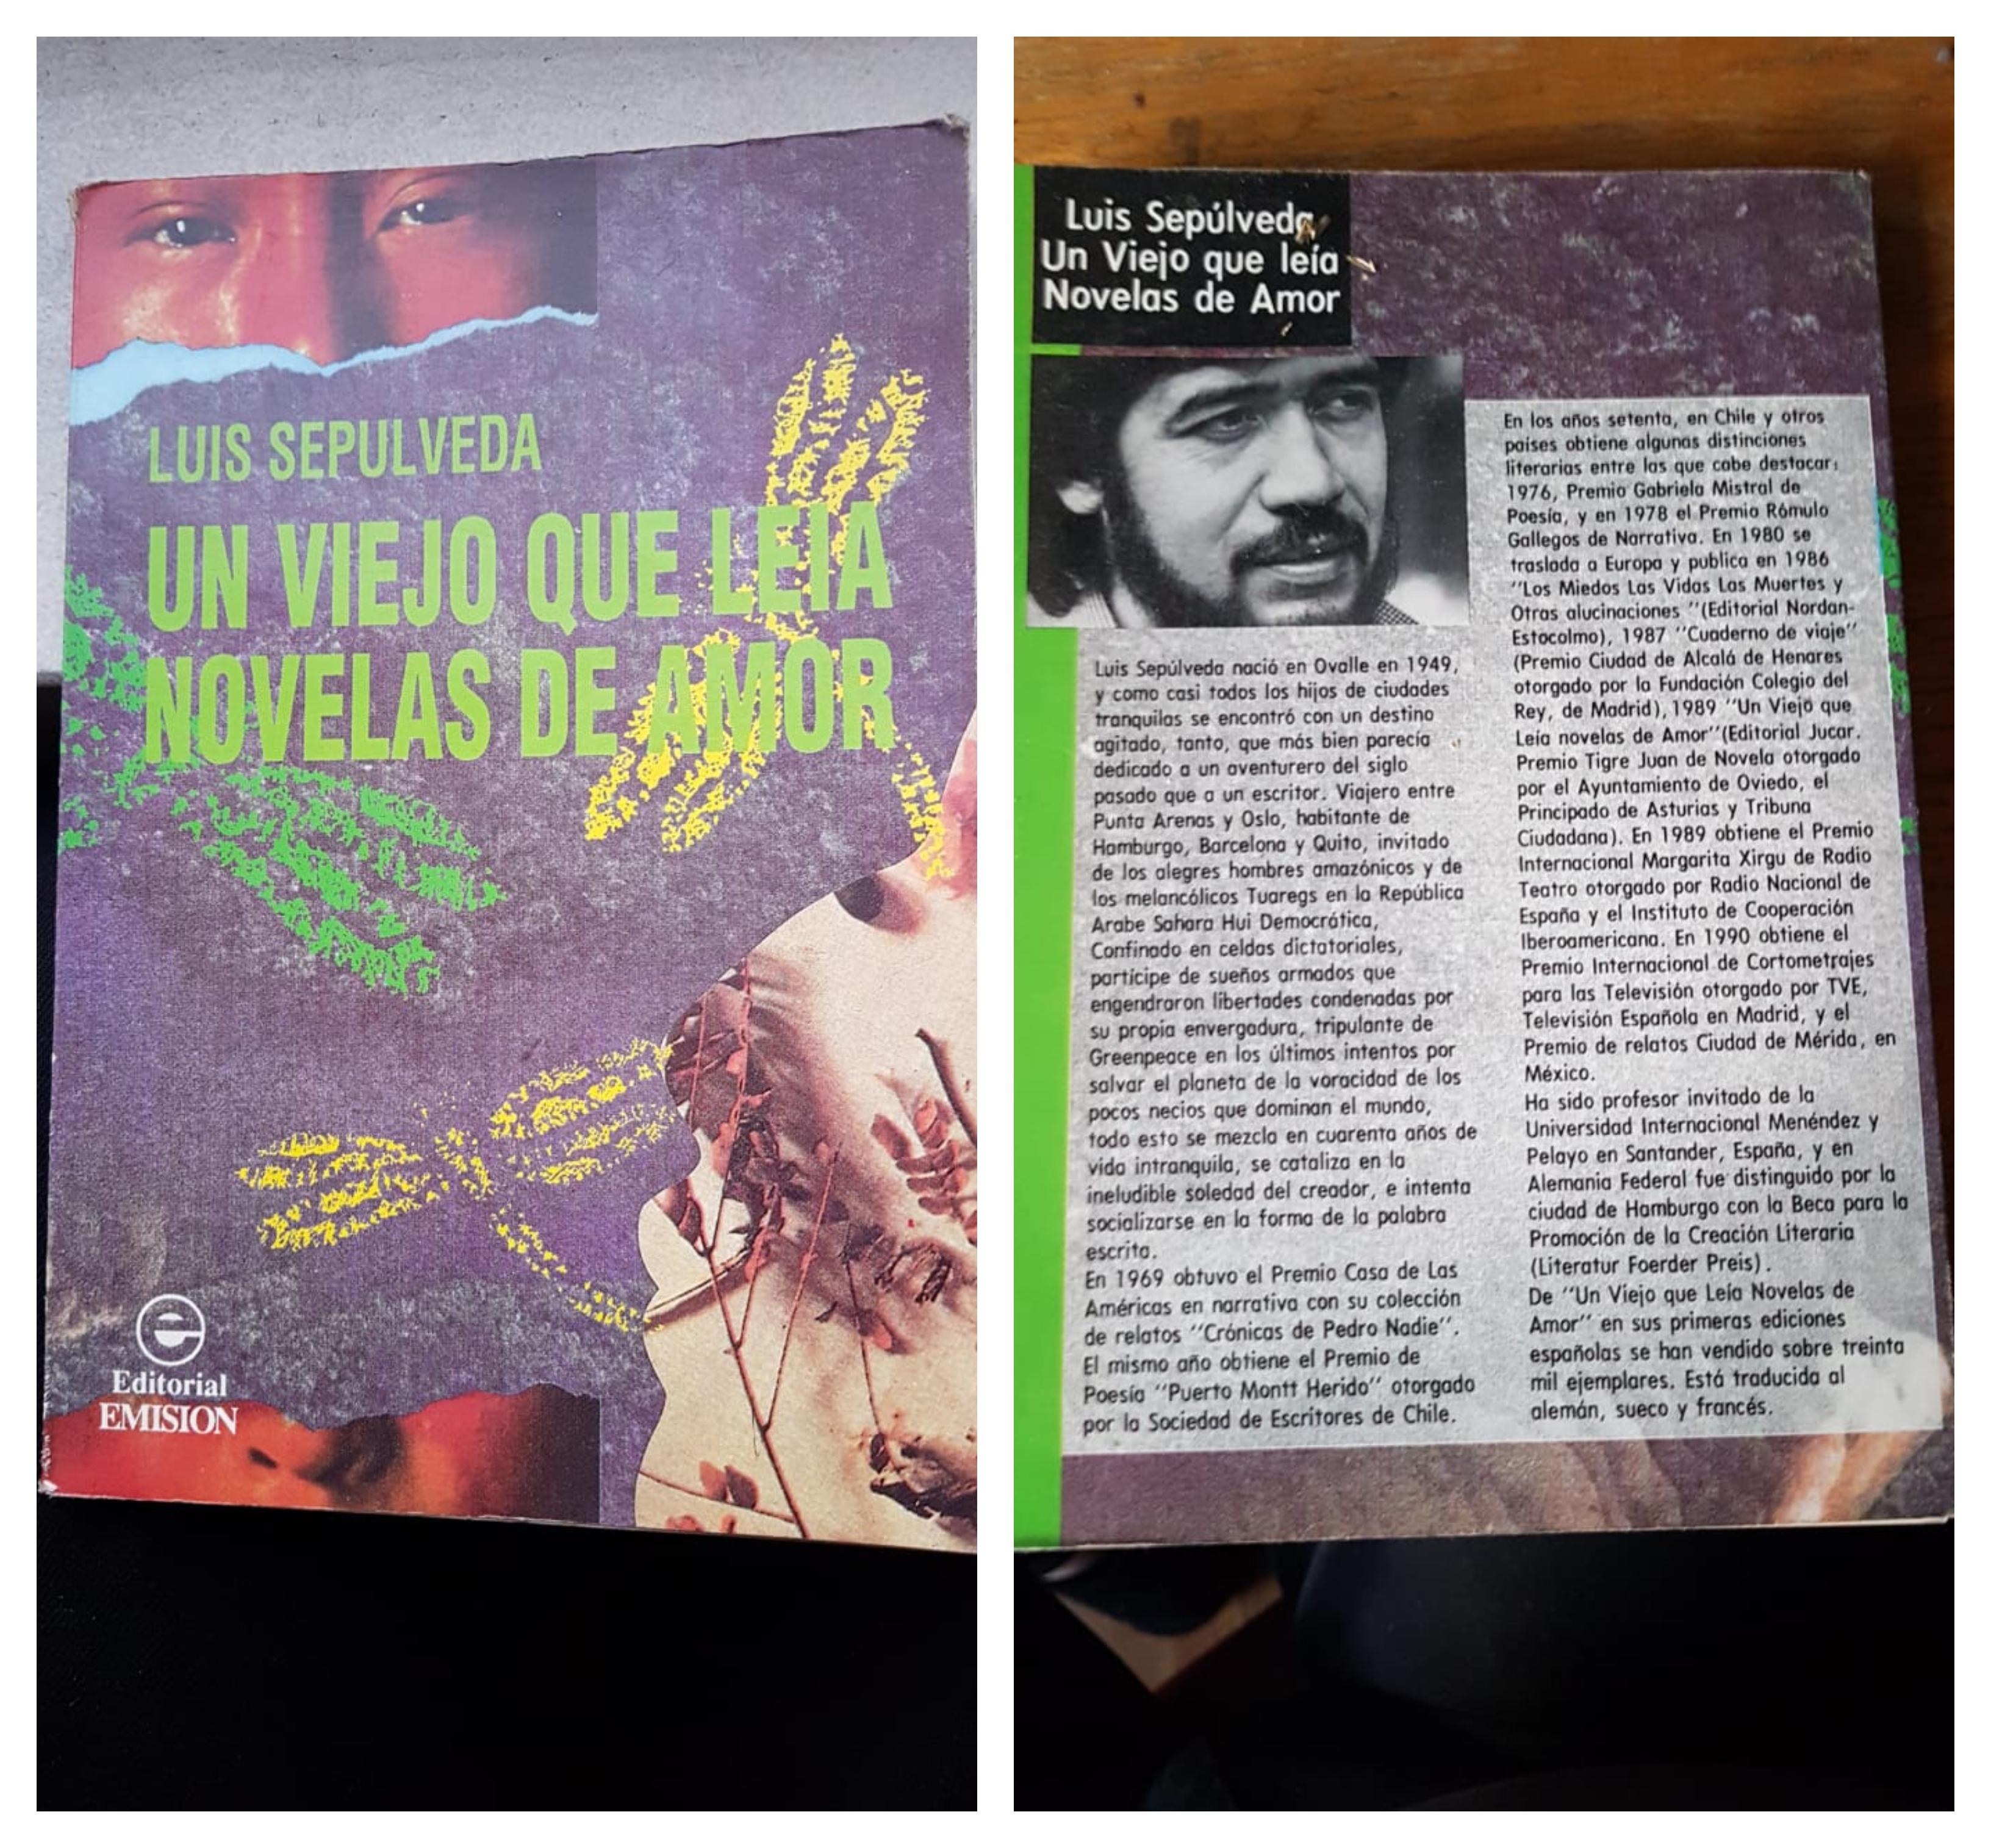 Portada y contraportada de la edición de revista Análisis - Fotografía: Víctor Hugo de la Fuente.